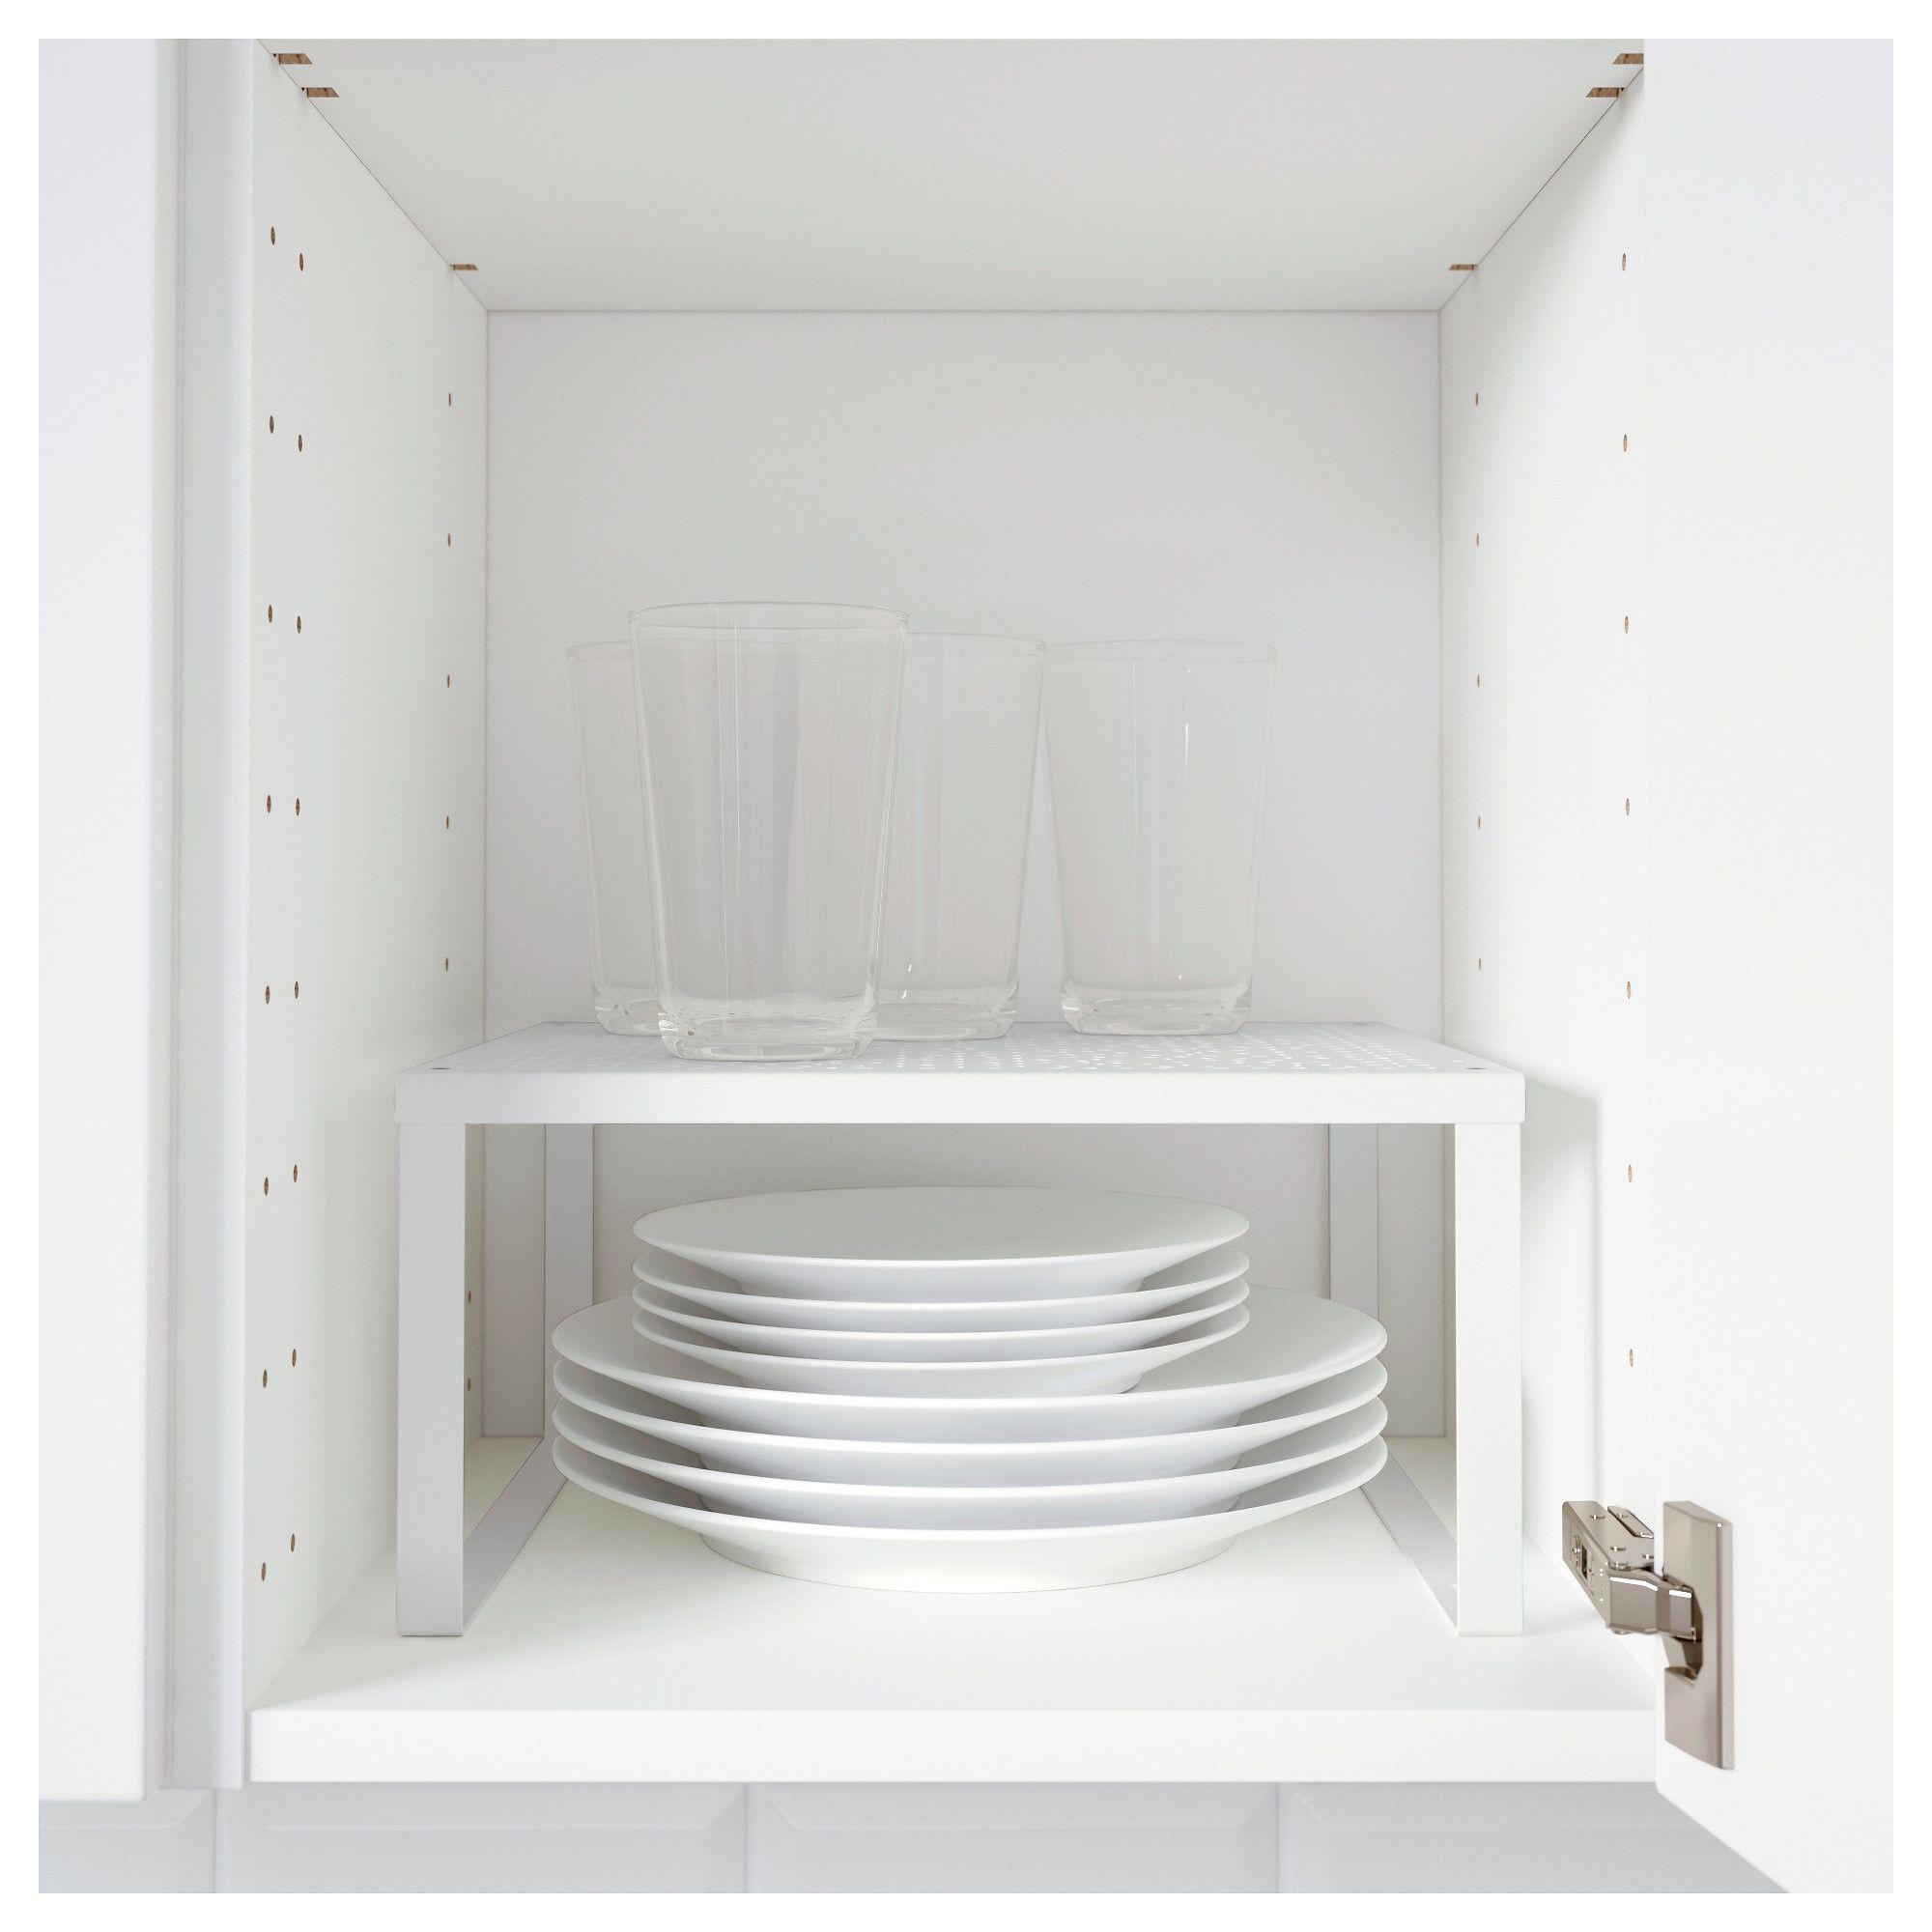 VARIERA Shelf insert white Ikea shelves, Plate shelves